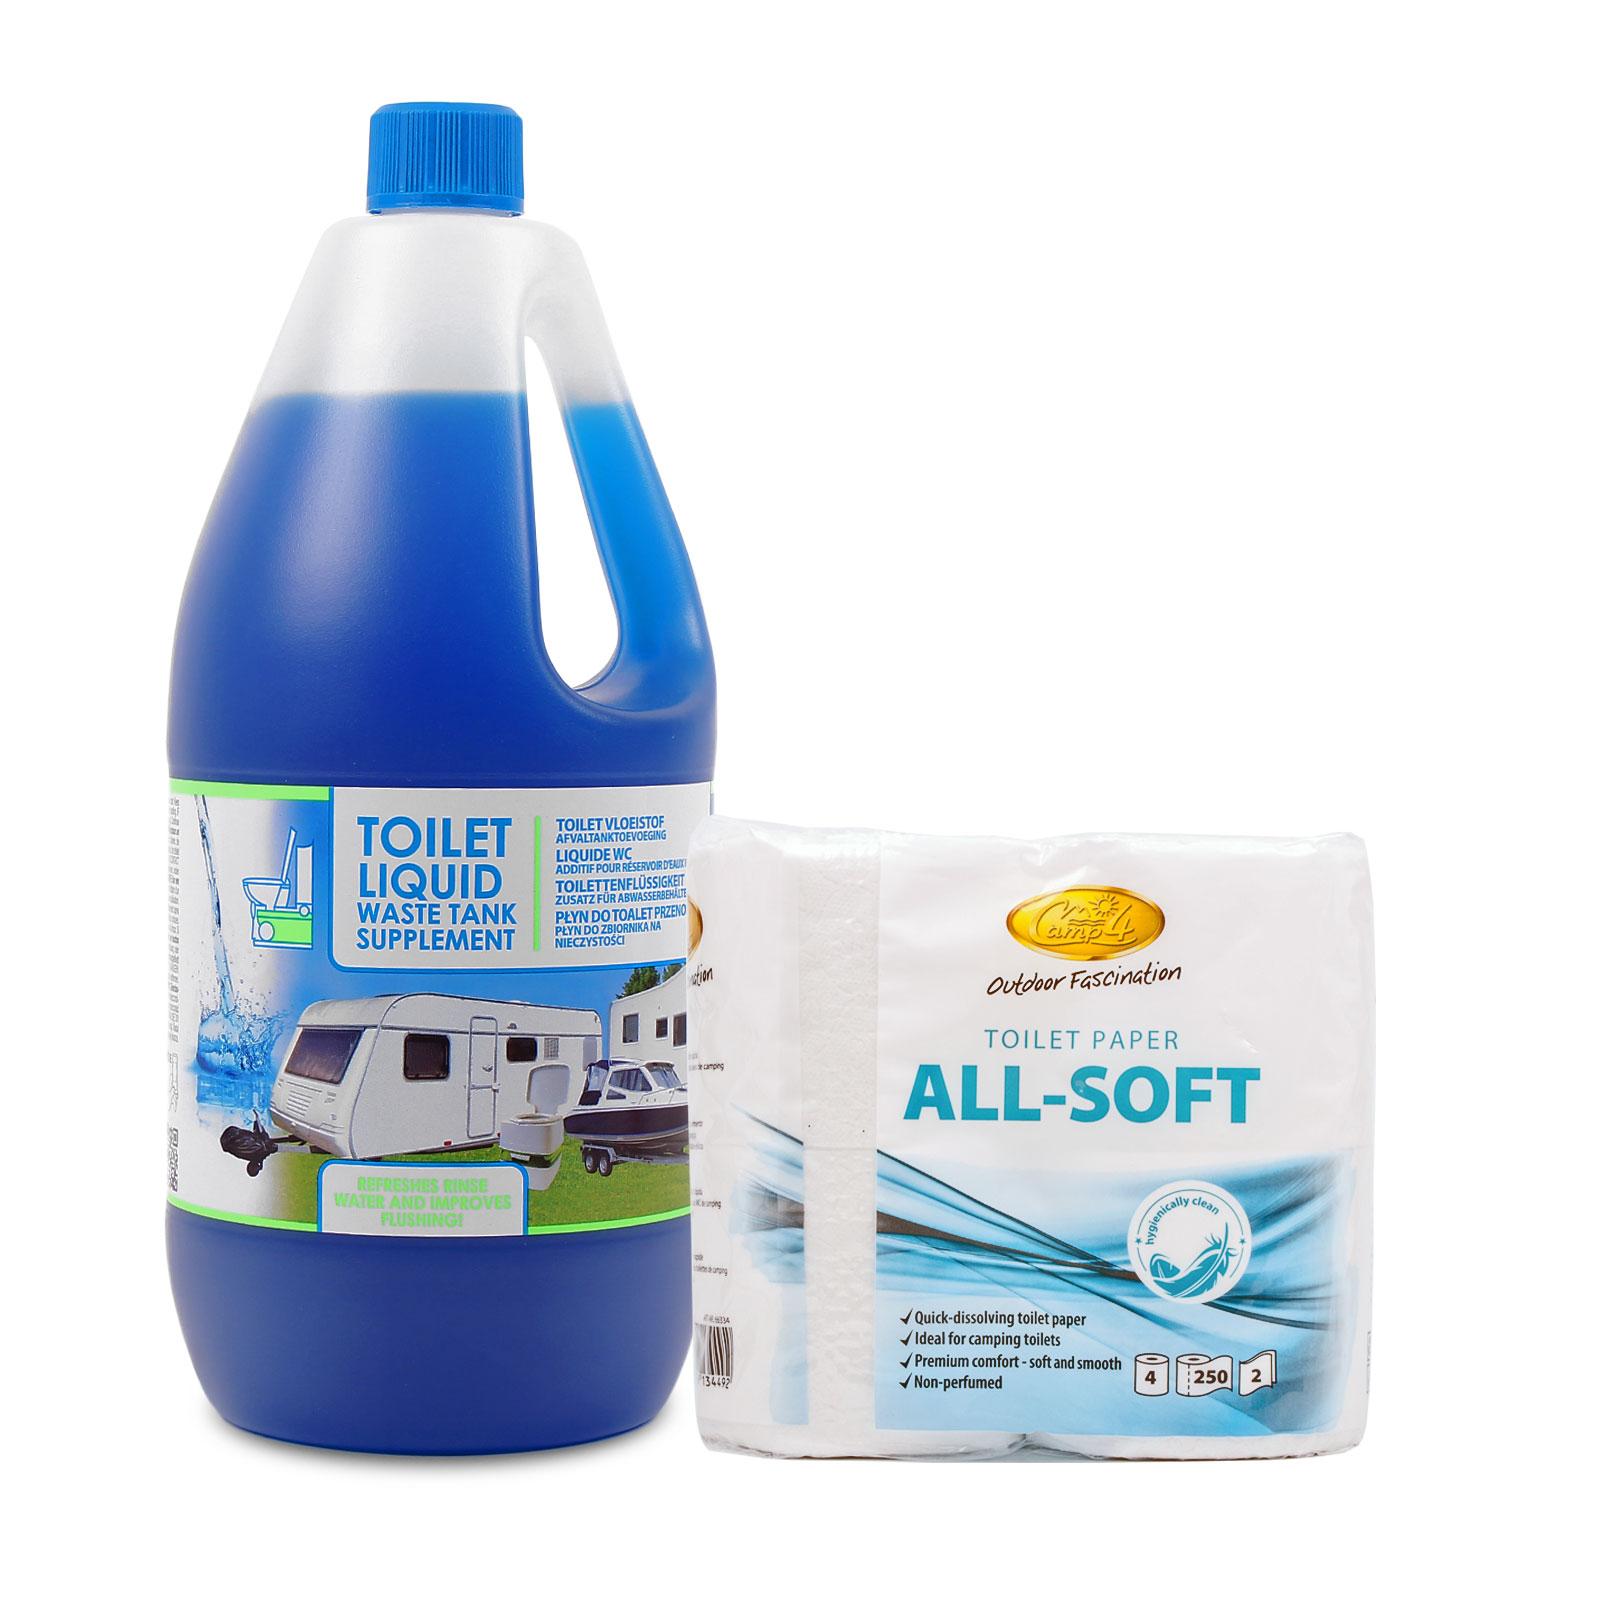 Toilettenzusatz Set für Wohnmobile, 2 Ltr Toilettenflüssigkeit + 1x All Soft